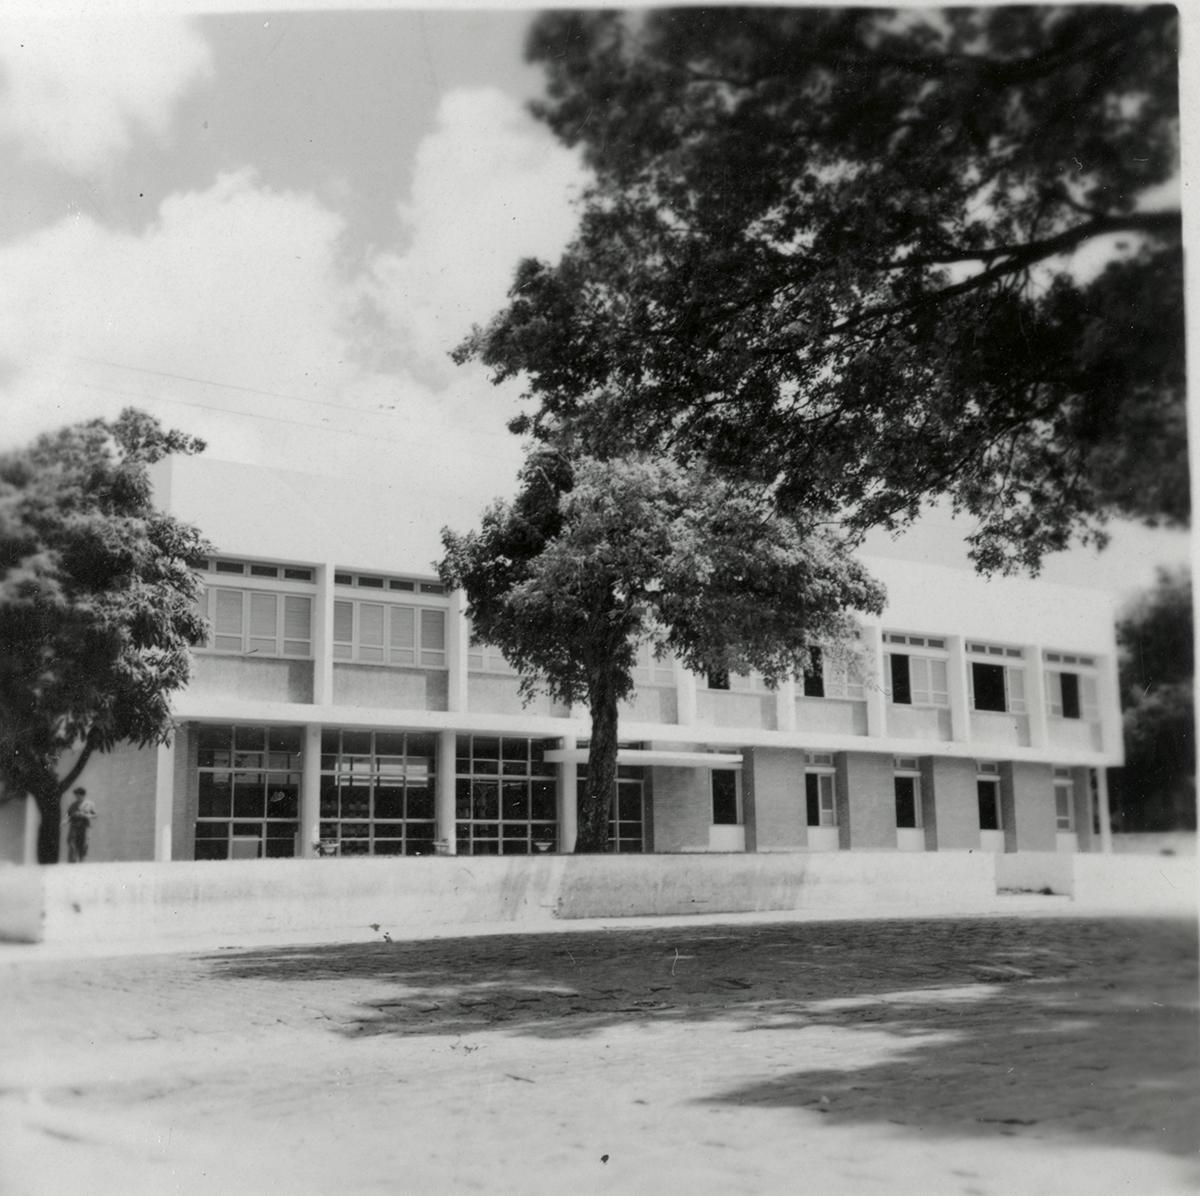 Segunda sede do Departamento de Educação e Cultura, onde funcionava também a Imprensa Universitária, 1962. Atualmente é a Pró-Reitoria de Extensão.